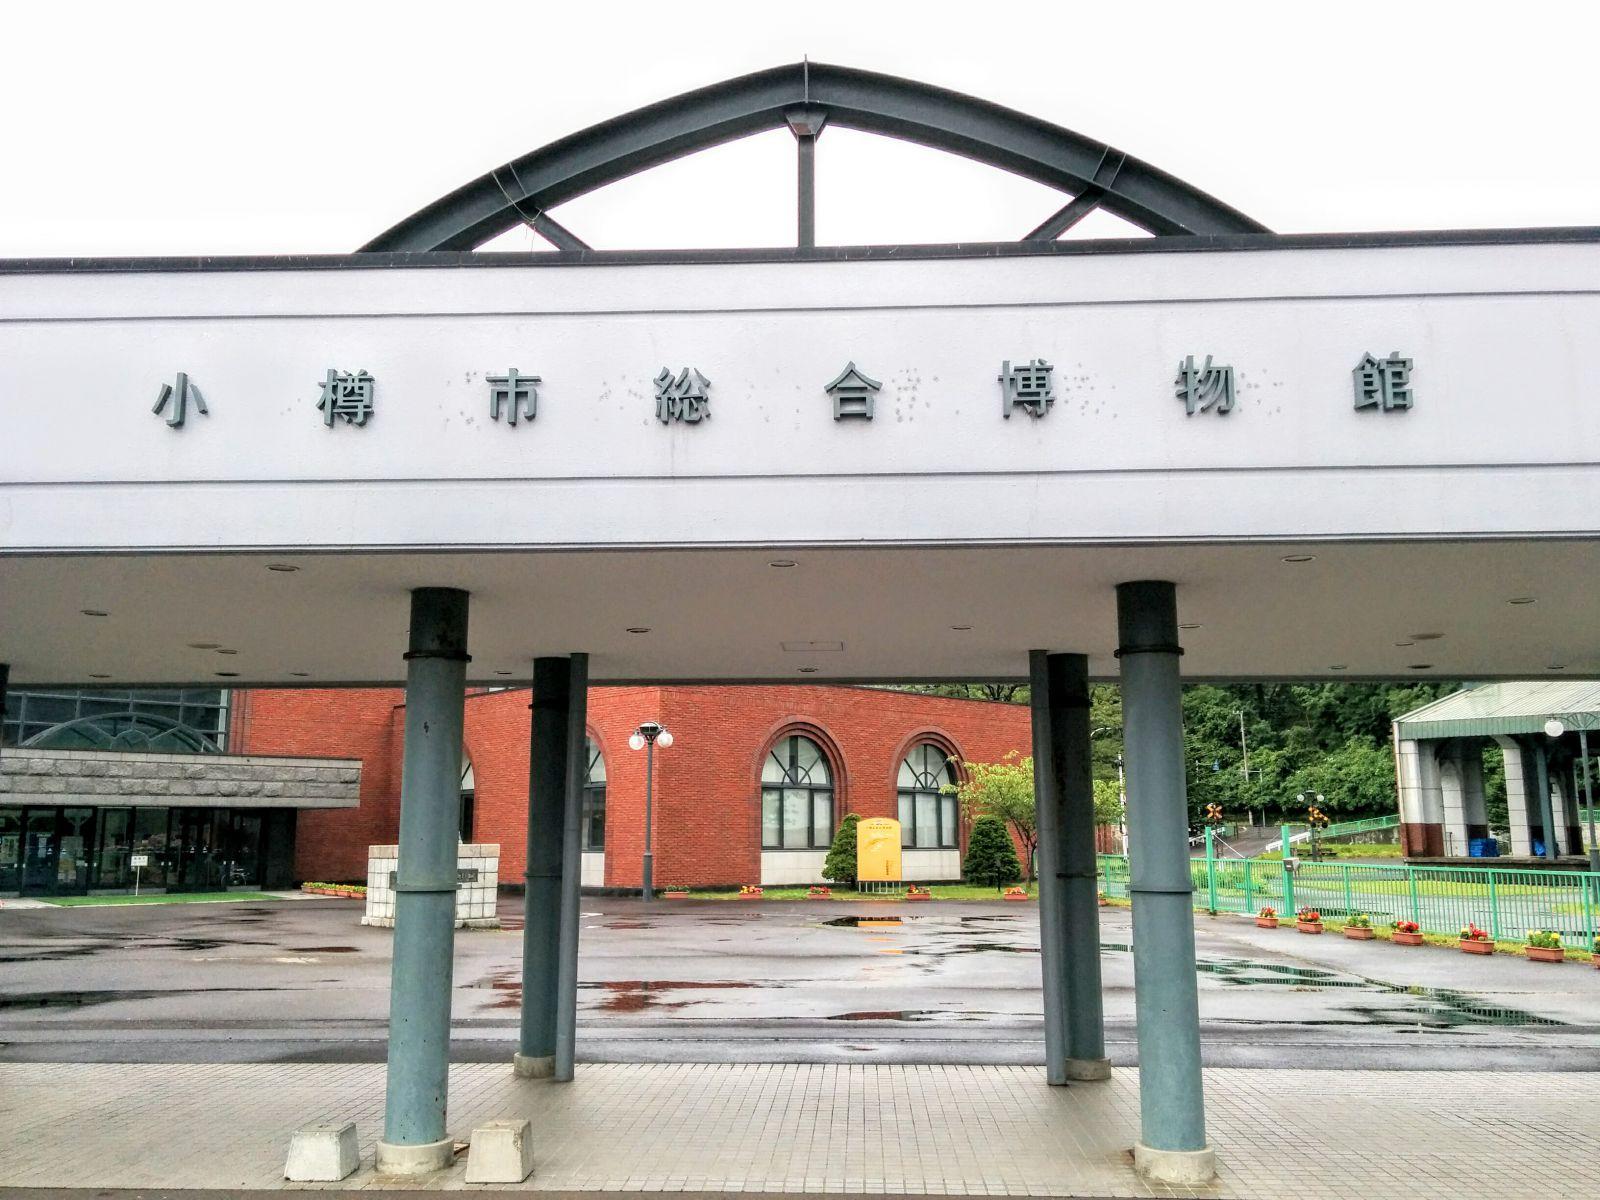 【小樽市】小樽市総合博物館観光案内です。